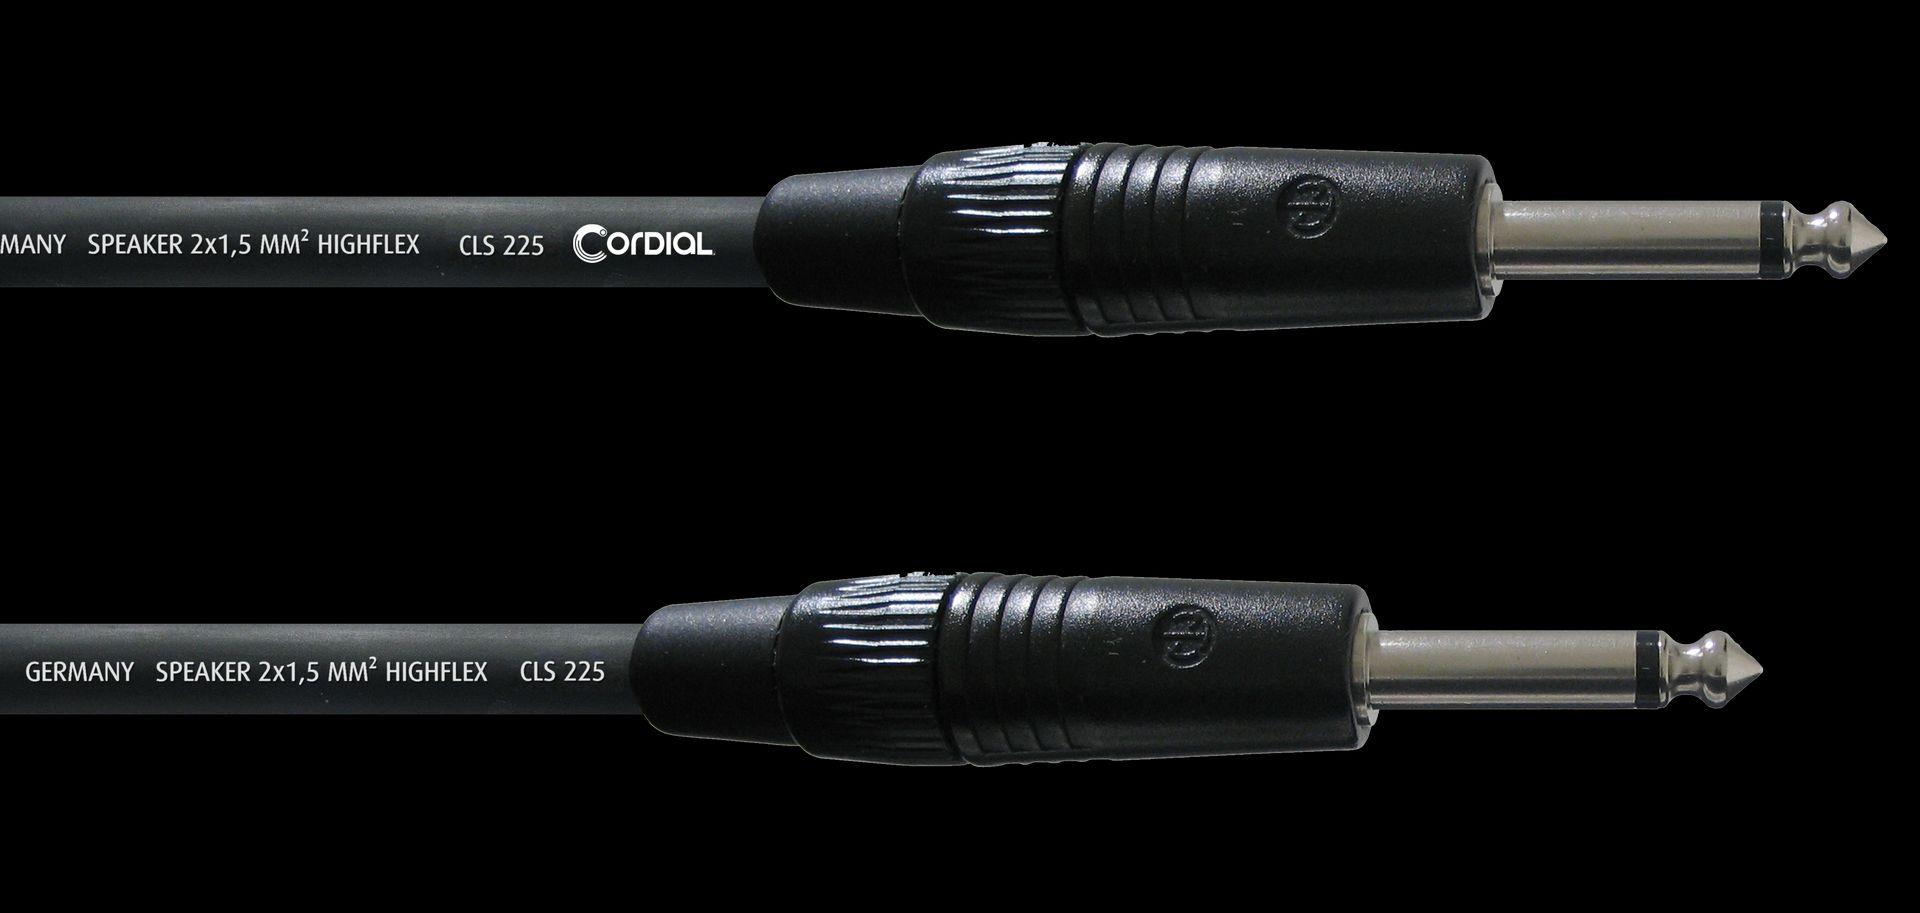 Cordial CPL 10 PP 25 Boxenkabel Klinke / Klinke, Neutrik, 2x2,5mm², 10 Meter